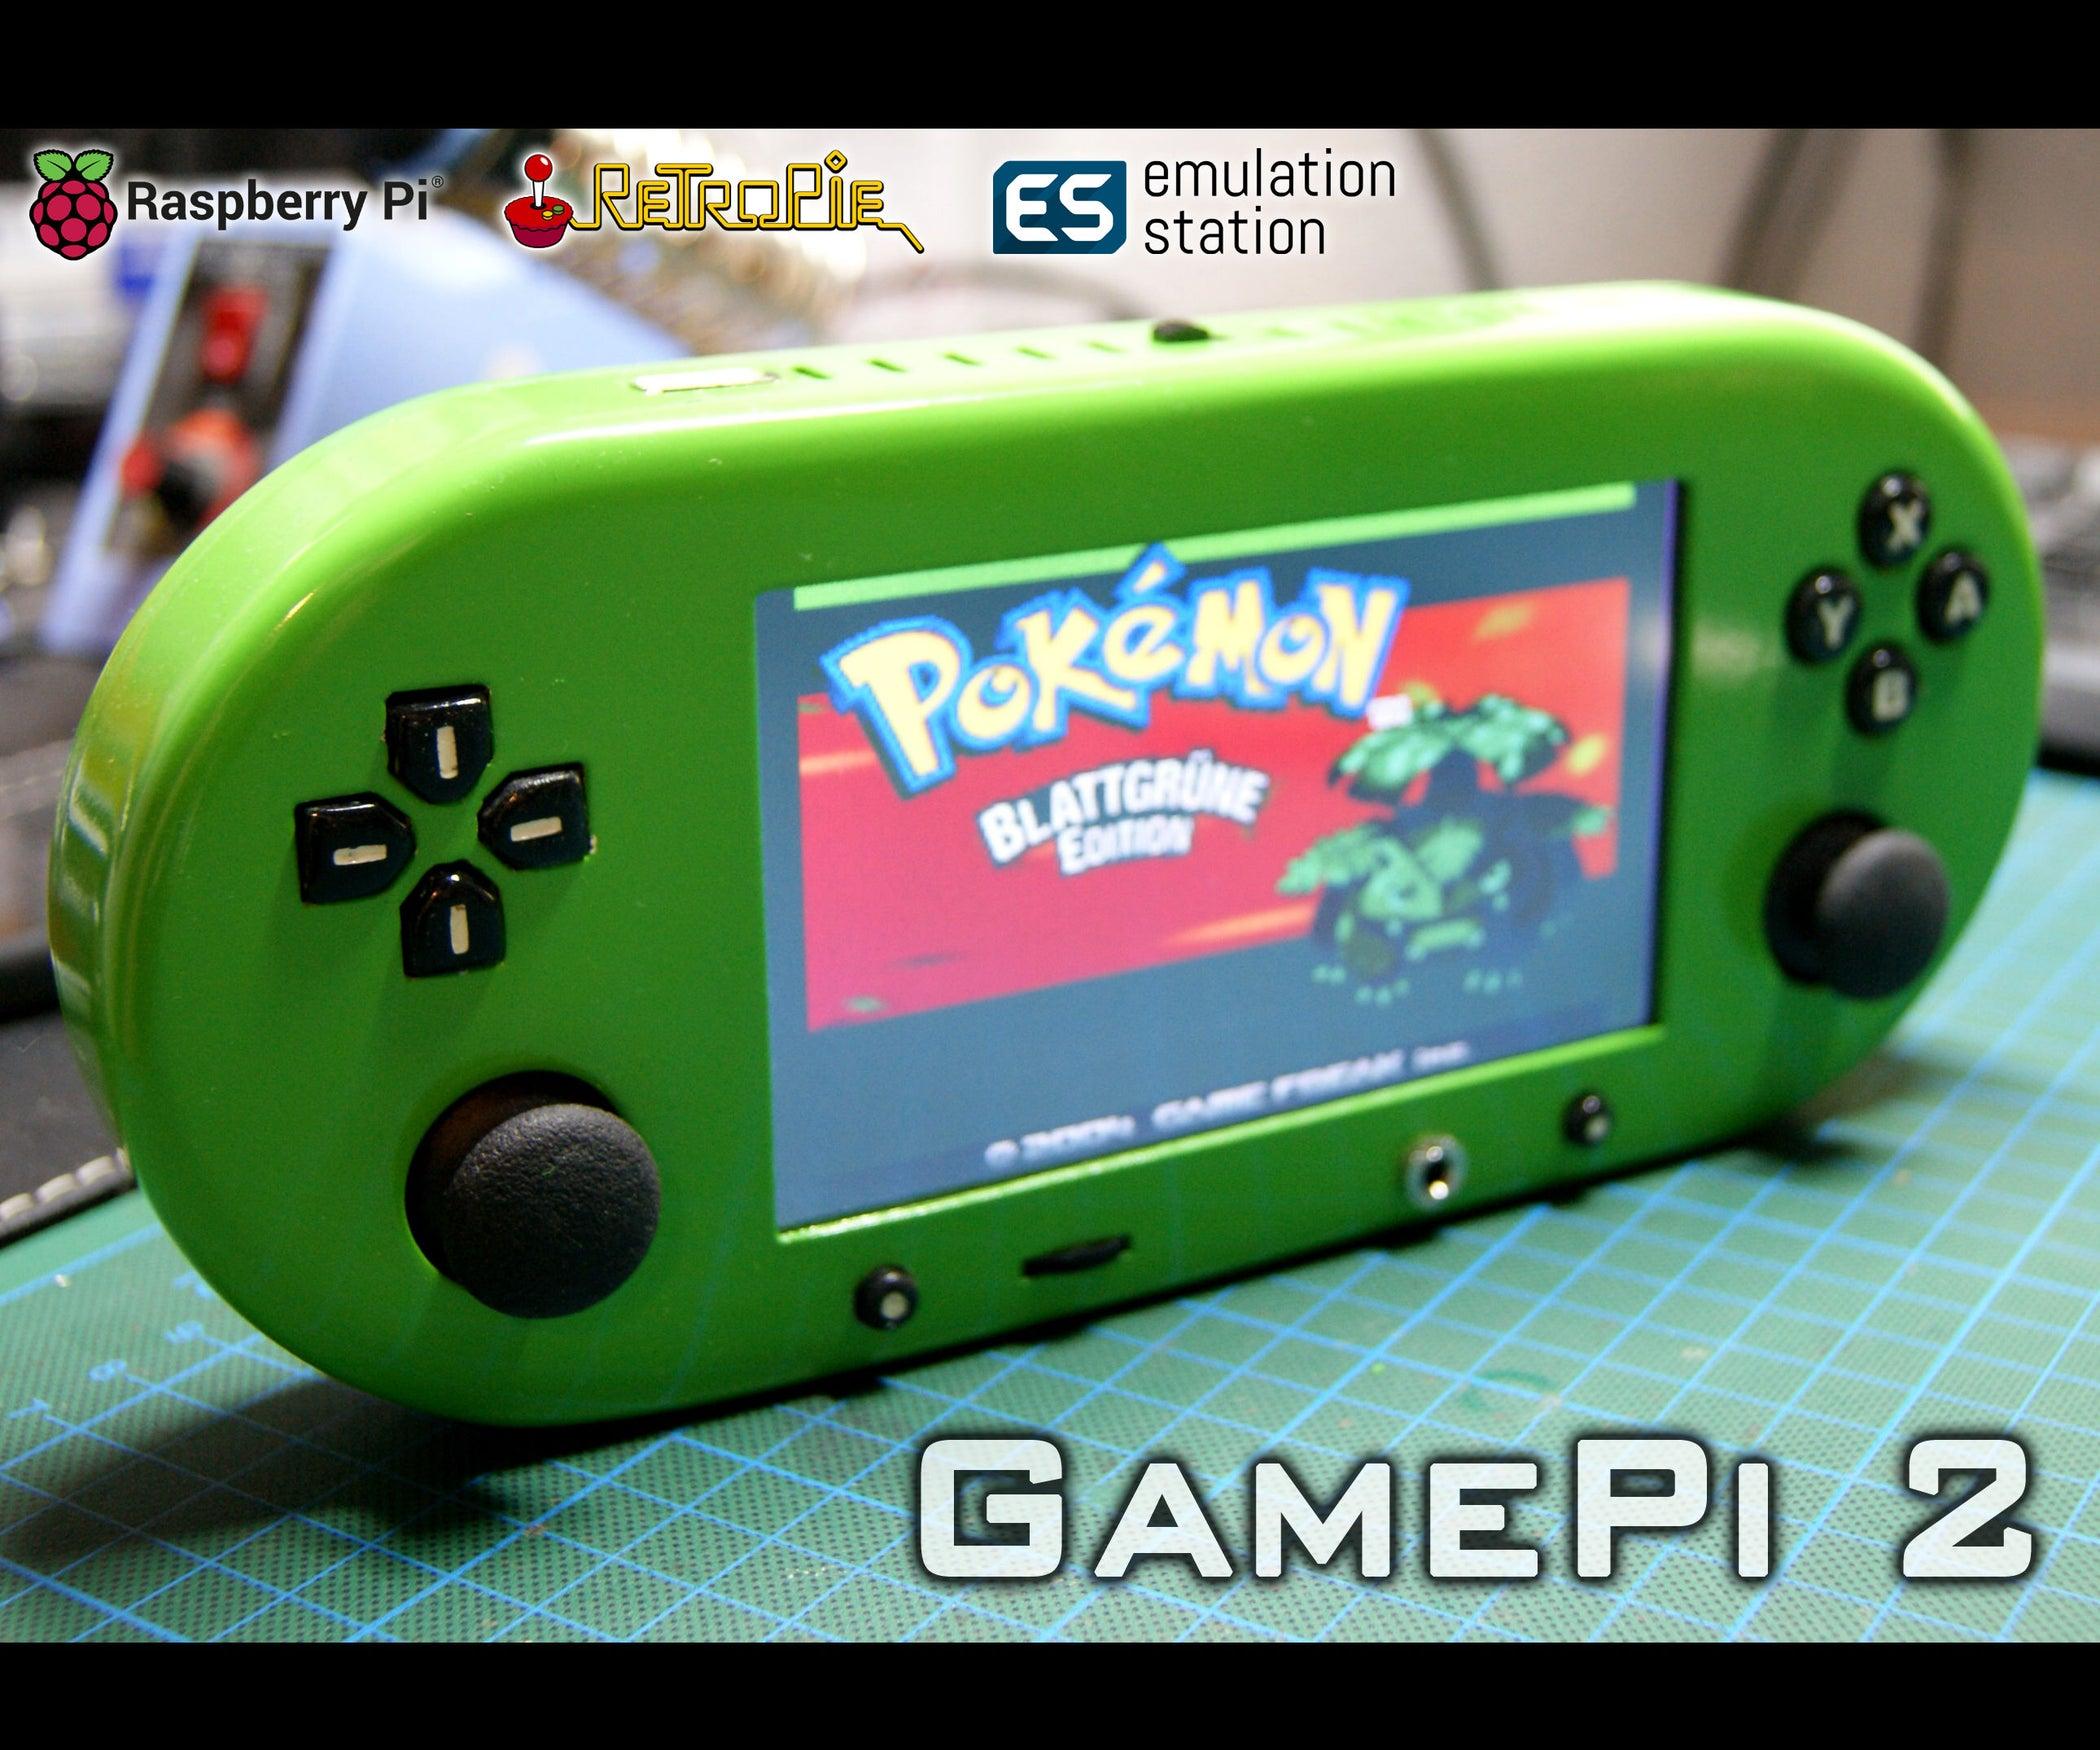 raspberry pi 3 handheld emulator